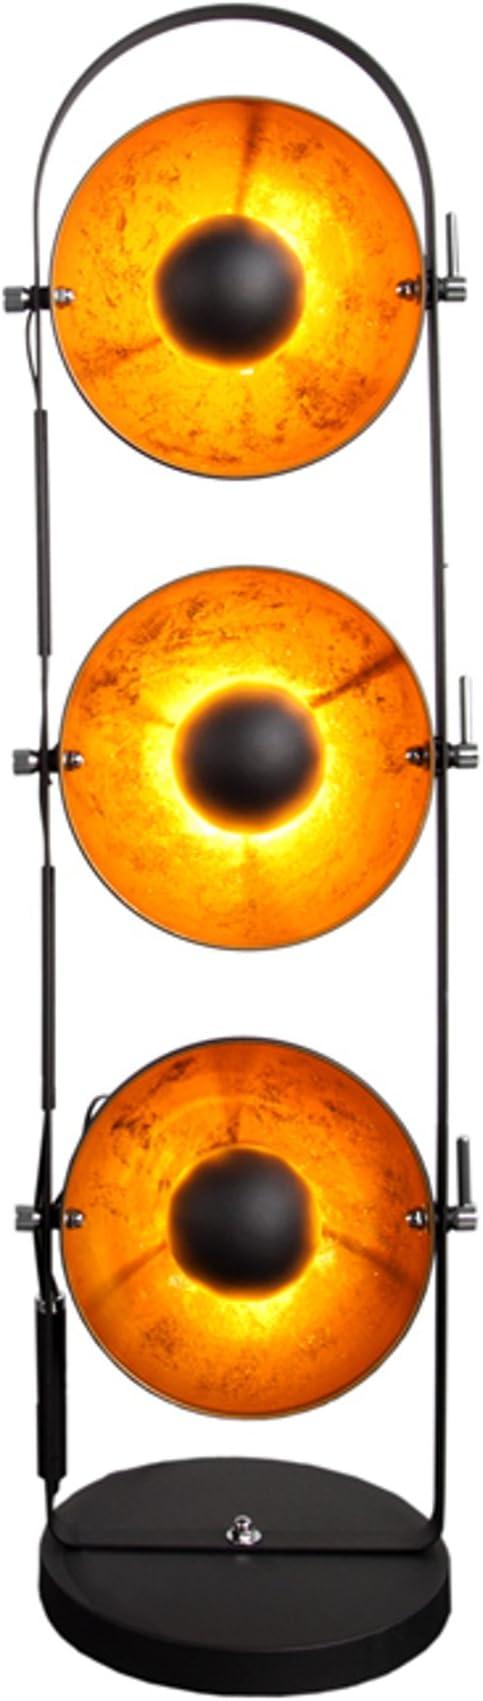 Design Stehlampe Studio Schwarz Gold Metall 3 Lampenschirme Lampe